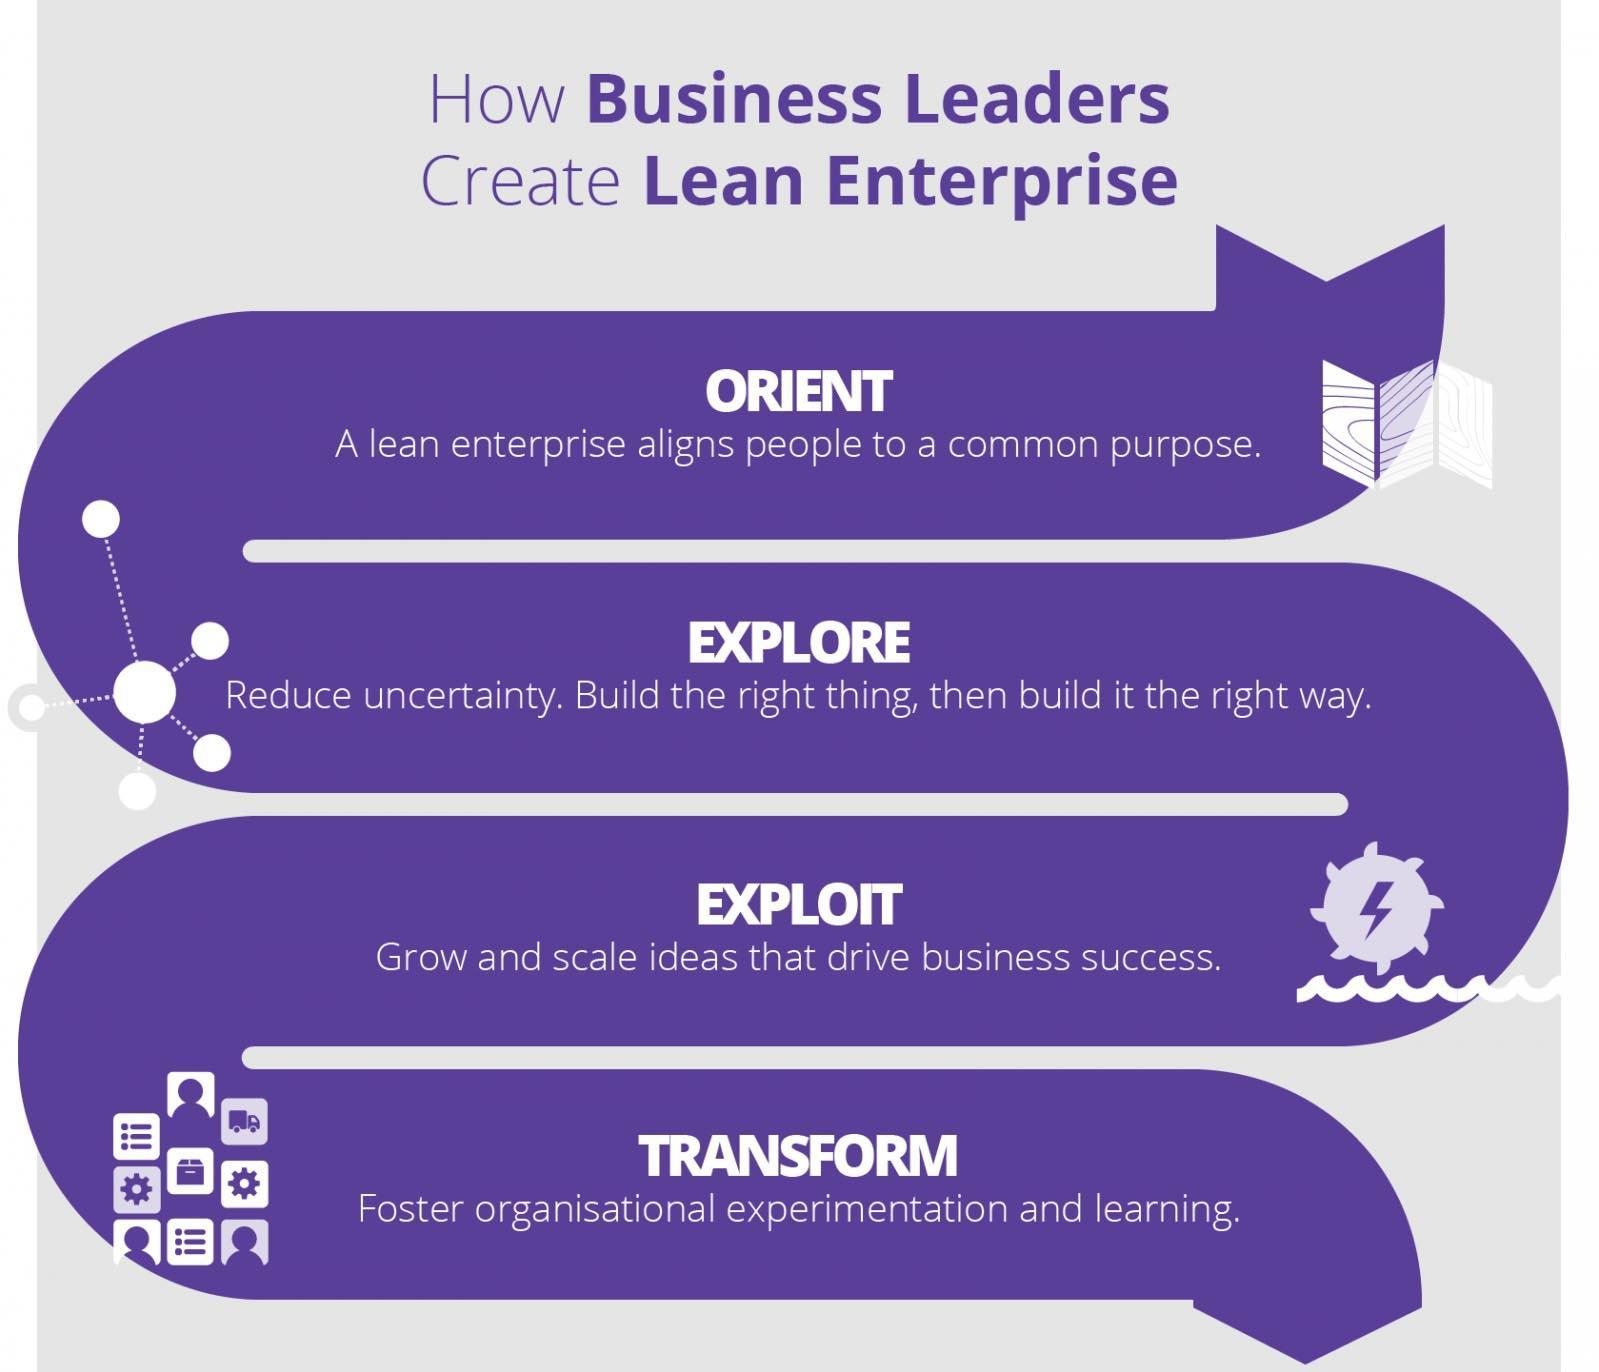 How business leaders create lean enterprise: Orient, Explore, Exploit, Transform